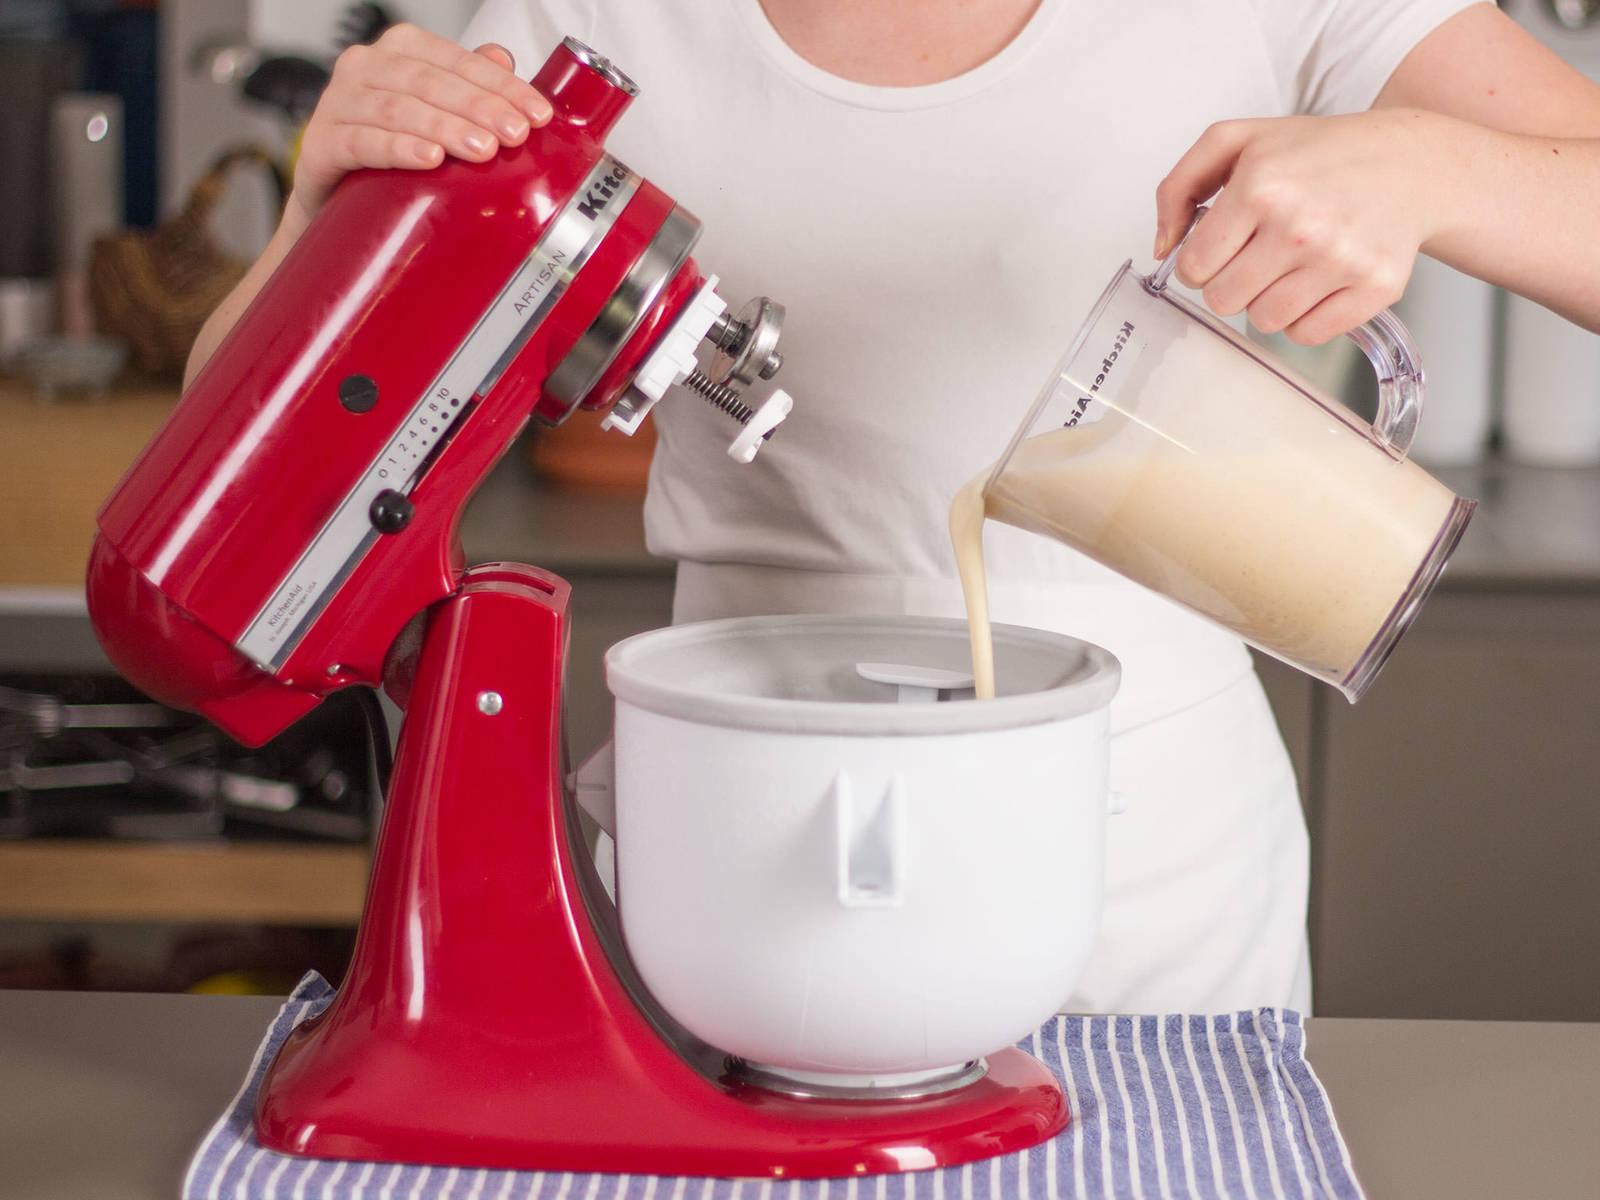 Masse aus dem Kühlschrank nehmen. Eiscreme-Maschine einschalten und Masse vorsichtig hineingeben. Ca. 15 – 20 Min. rühren. Zum Servieren in Schüsseln geben. Guten Appetit!